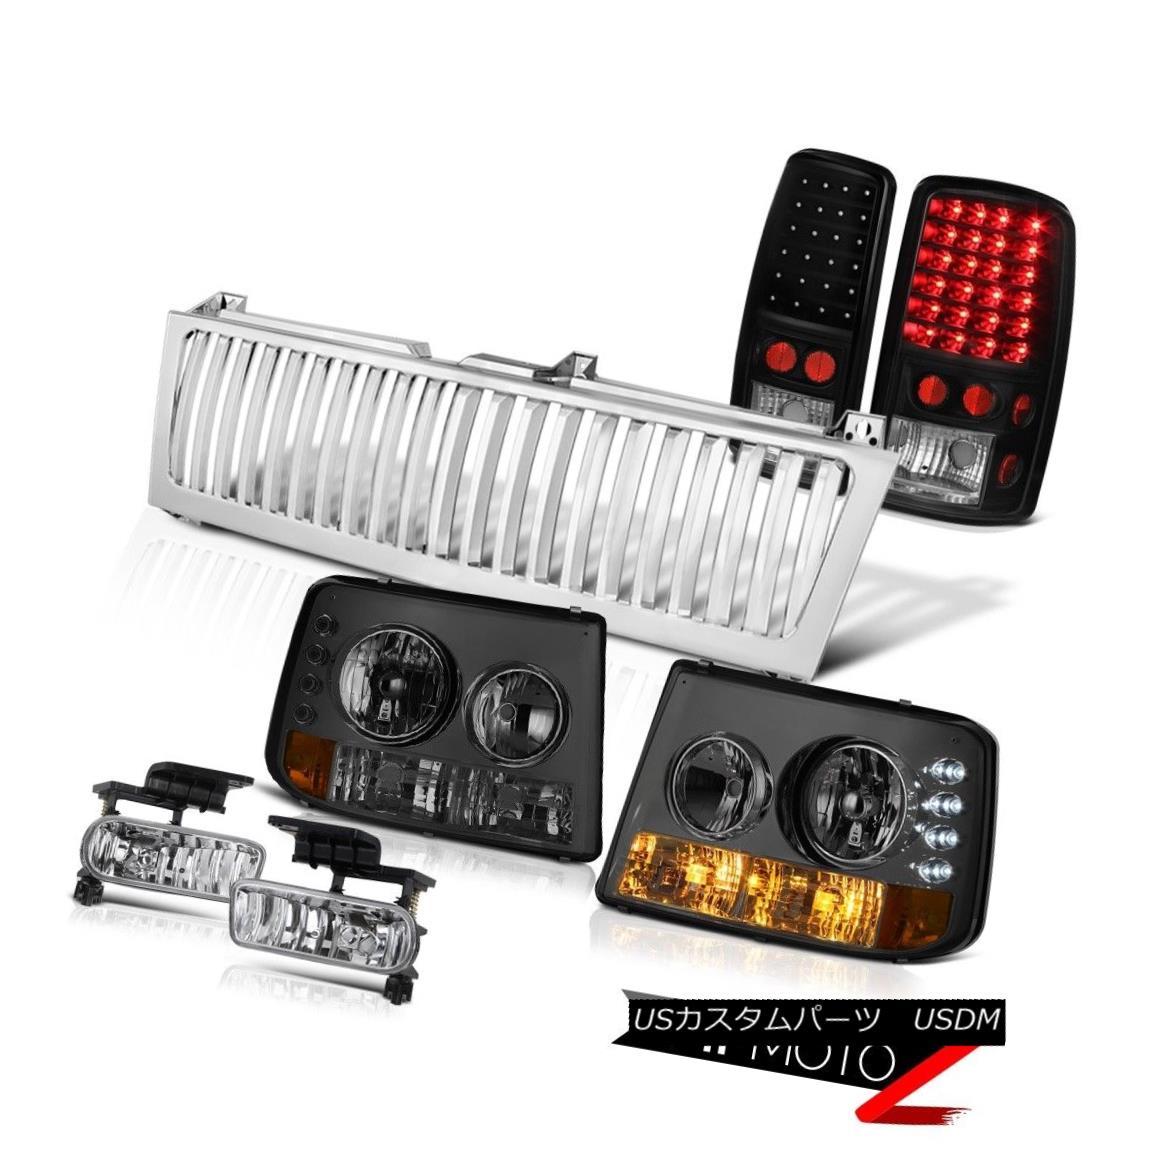 ヘッドライト 00 01 02 03 04 05 06 Suburban LT Headlights Black Brake Lights Bumper Fog Grille 00 01 02 03 04 05 06郊外のLTヘッドライトブラックブレーキライトバンパーフォググリル